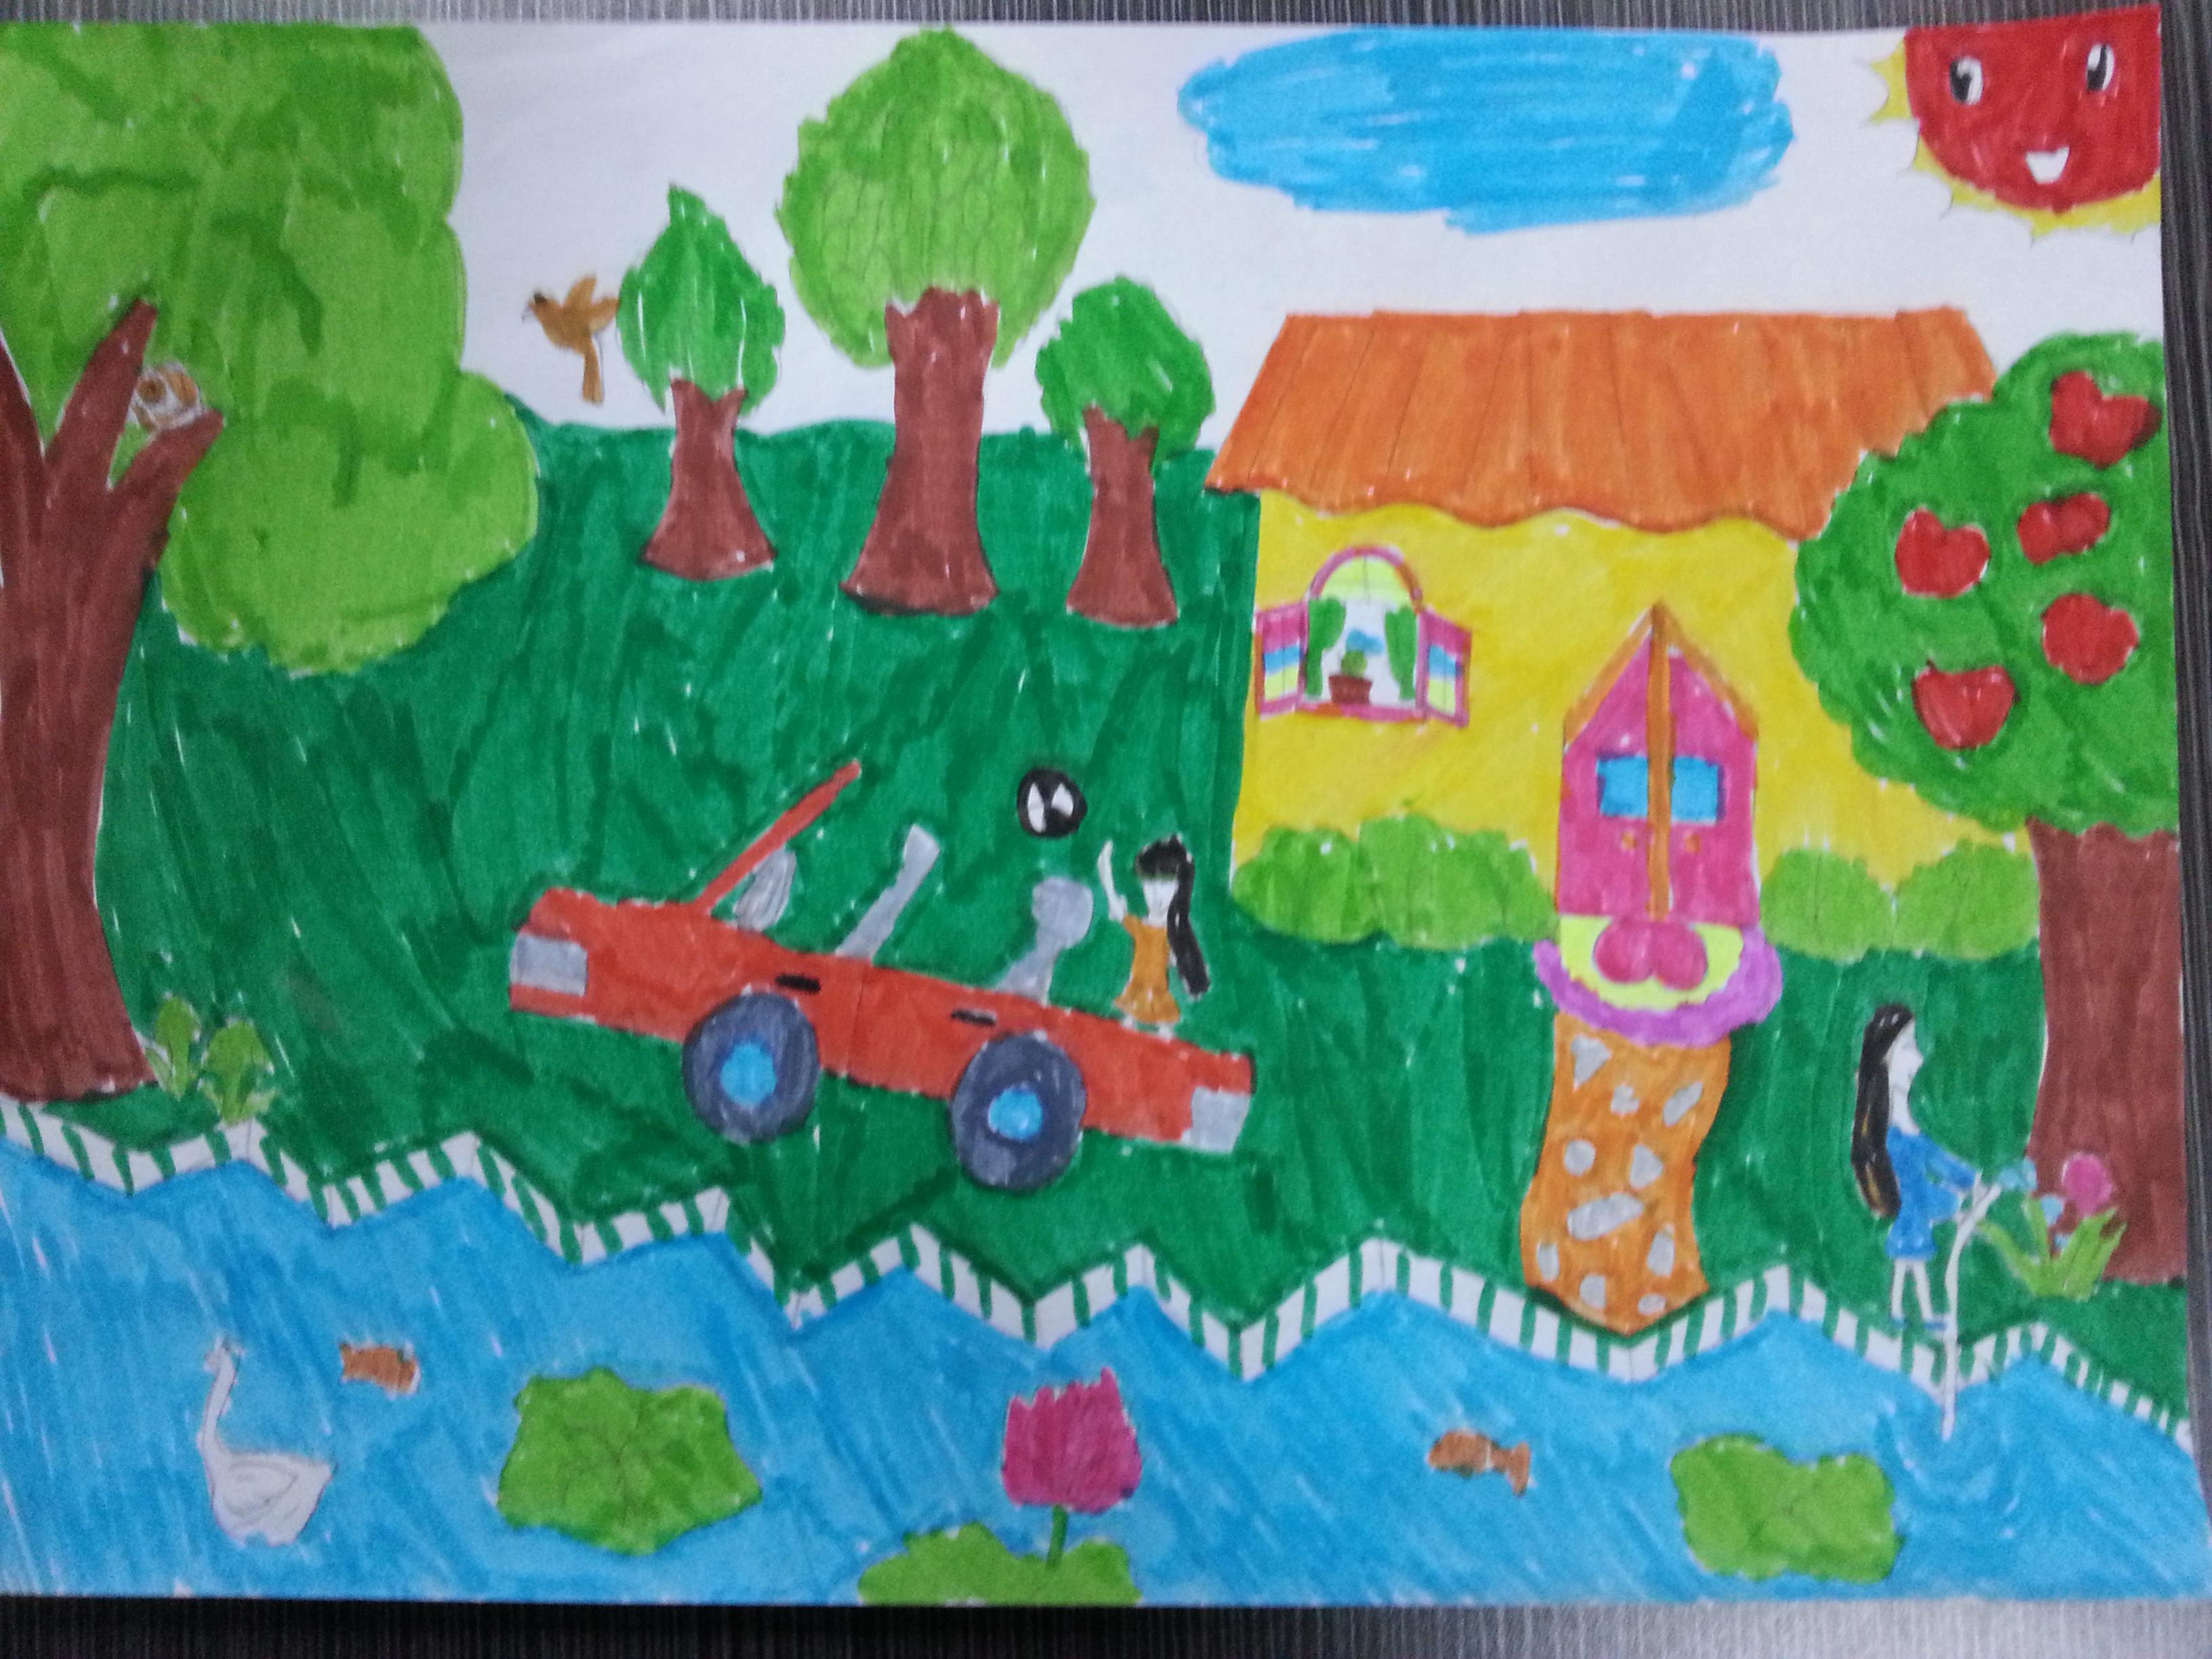 我爱家乡美_我美丽的家乡图画-美丽的家乡图画简单,小学生图画美丽的家乡 ...